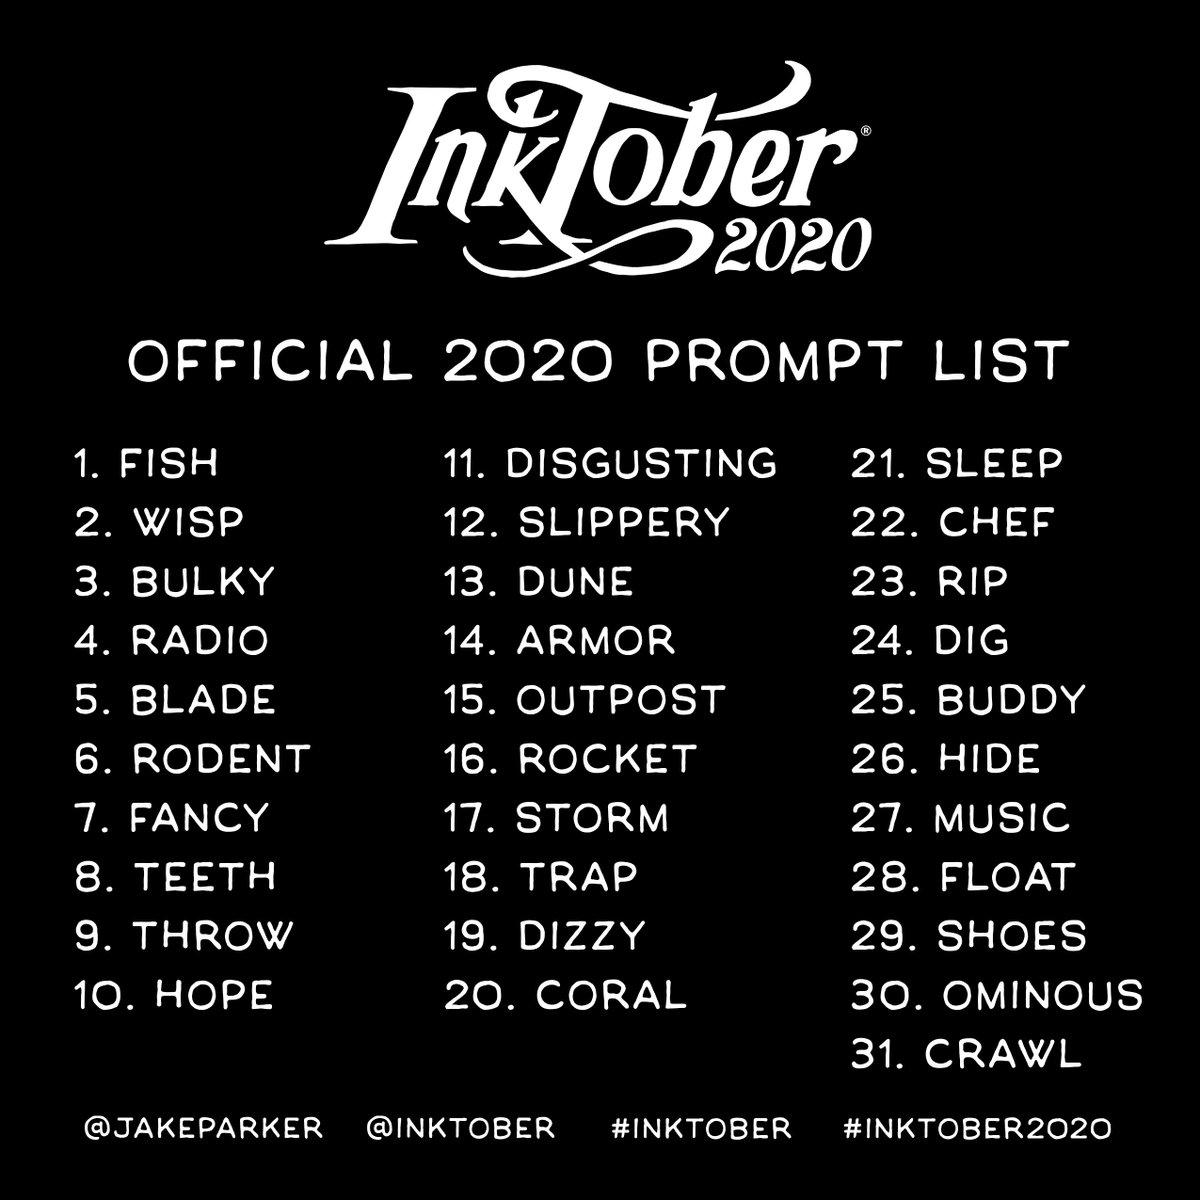 Inktober 2020 prompts